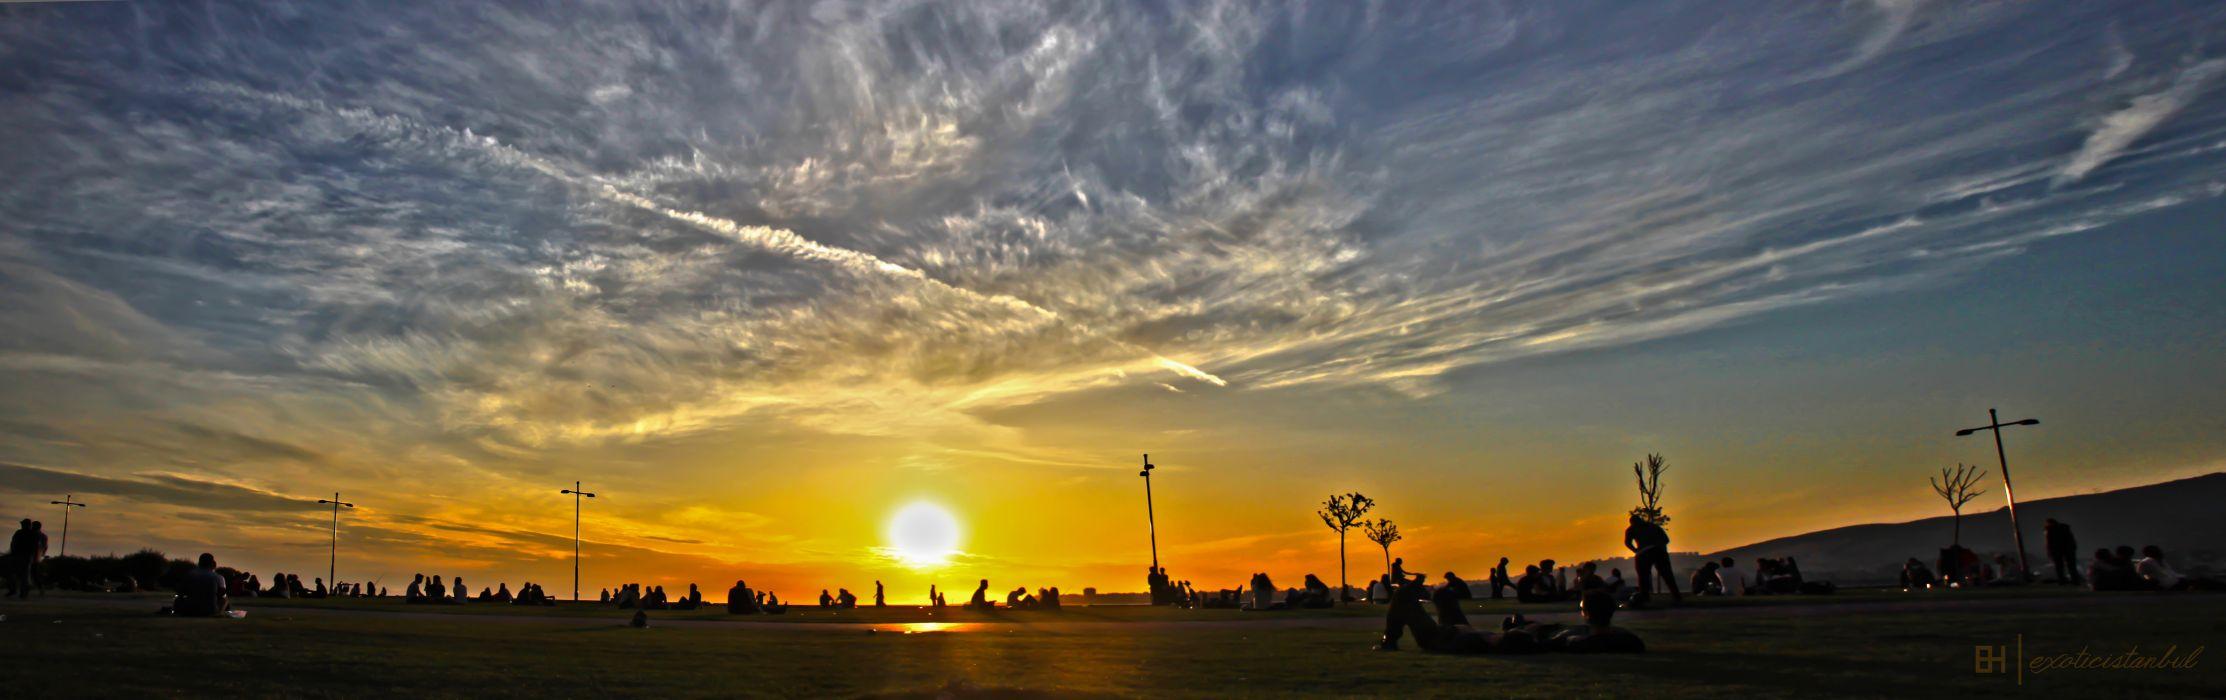 izmir emre hanoglu sky peoples sunset clouds beautiful city wallpaper